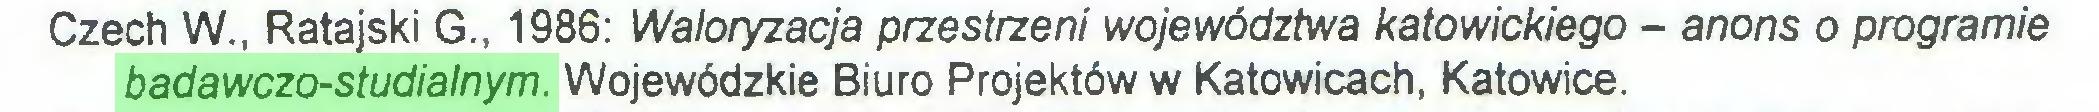 (...) Czech W., Ratajski G., 1986: Waloryzacja przestrzeni województwa katowickiego - anons o programie badawczo-studialnym. Wojewódzkie Biuro Projektów w Katowicach, Katowice...